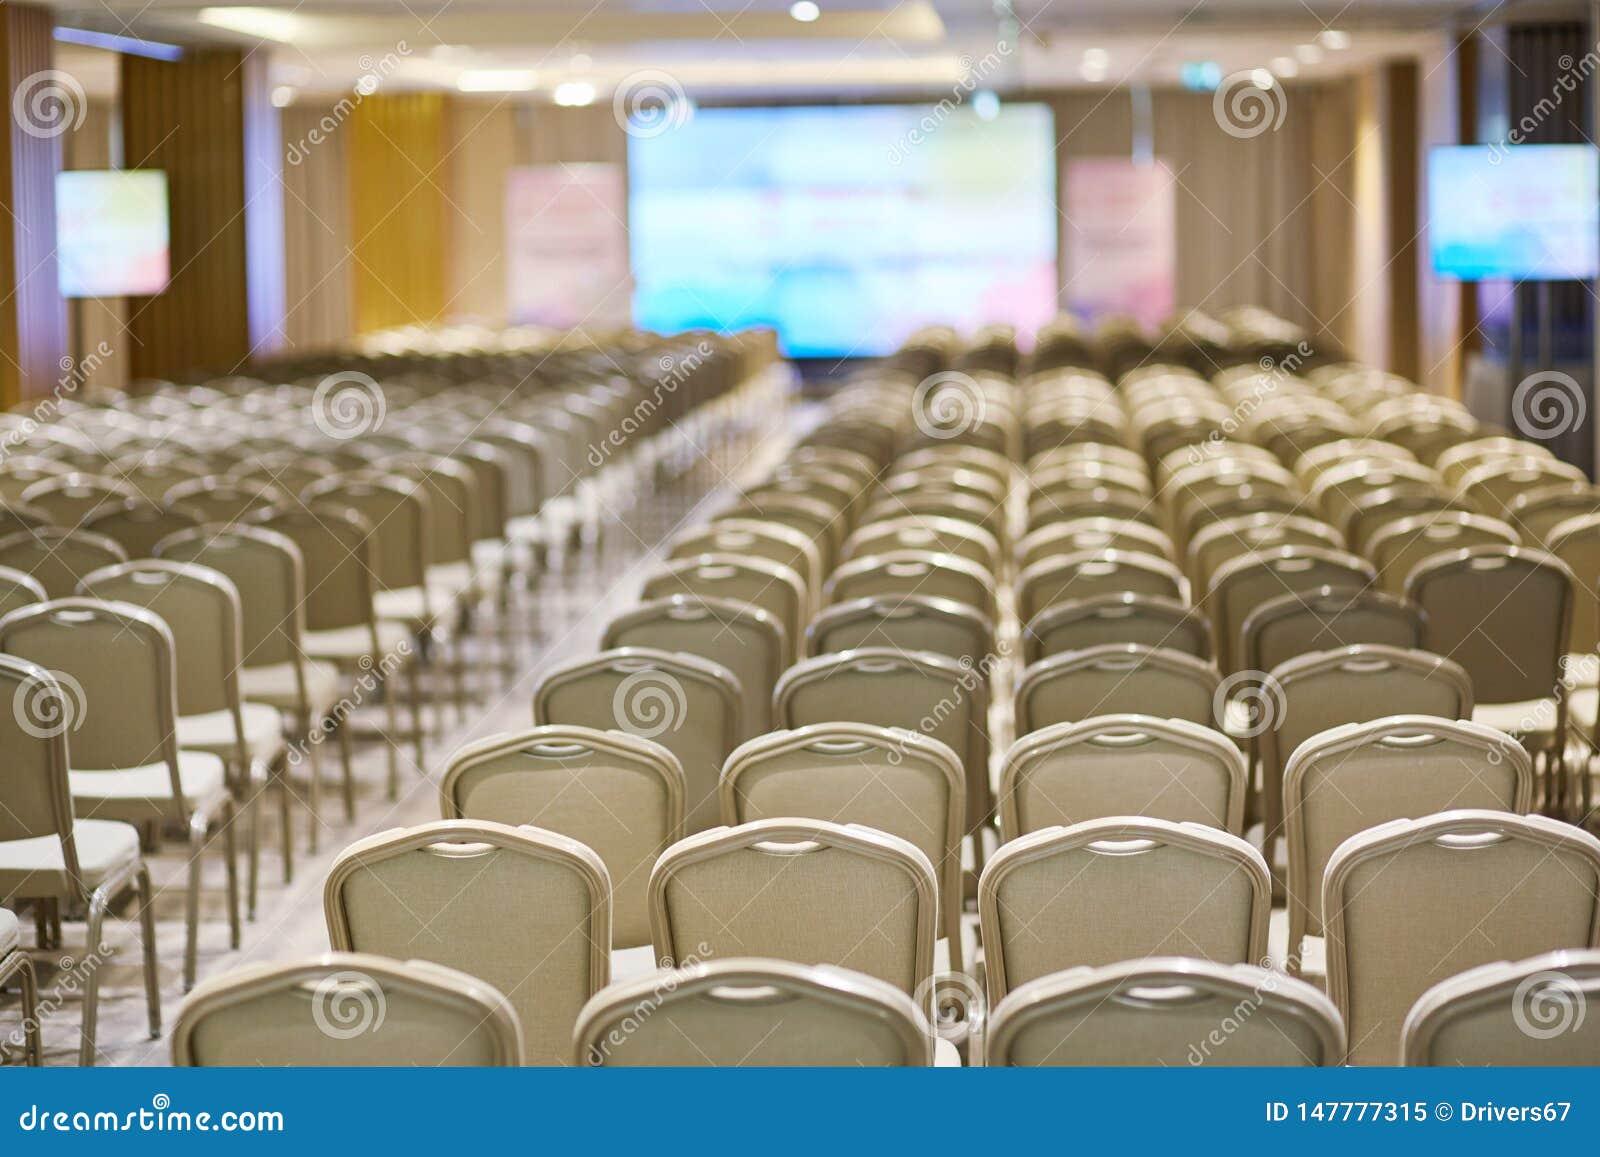 Rang?es des chaises dans une salle de conf?rence